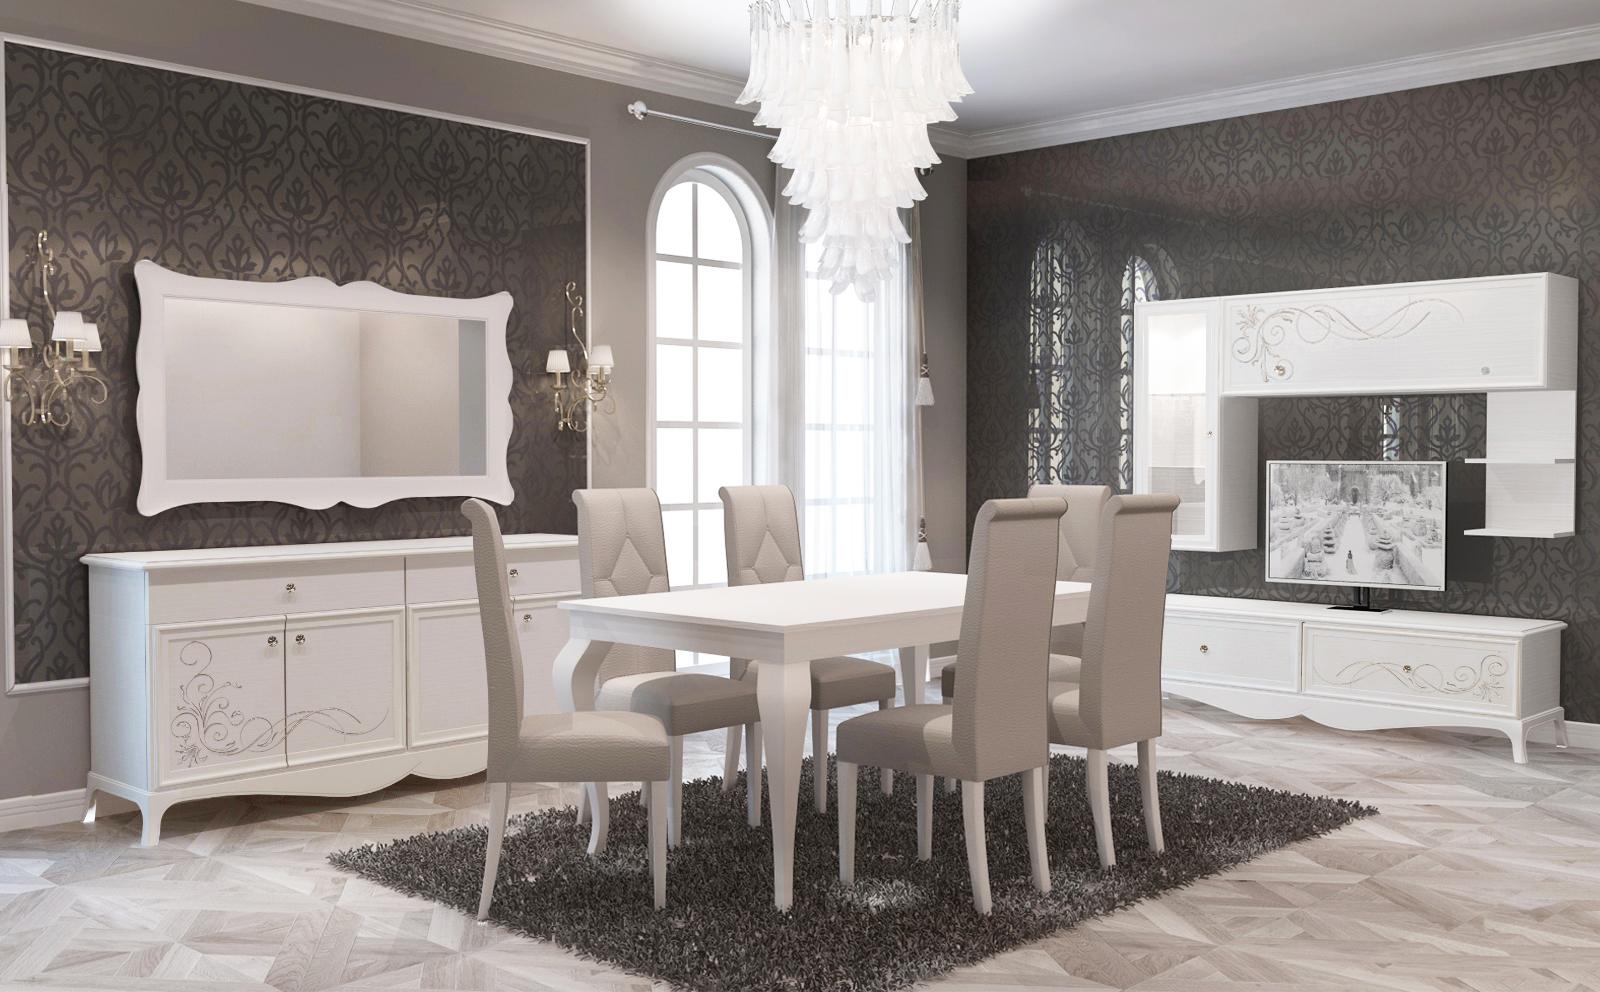 Esszimmer Giselle Mit 6 Stuhlen In Weiss Beige Klassisch Kaufen